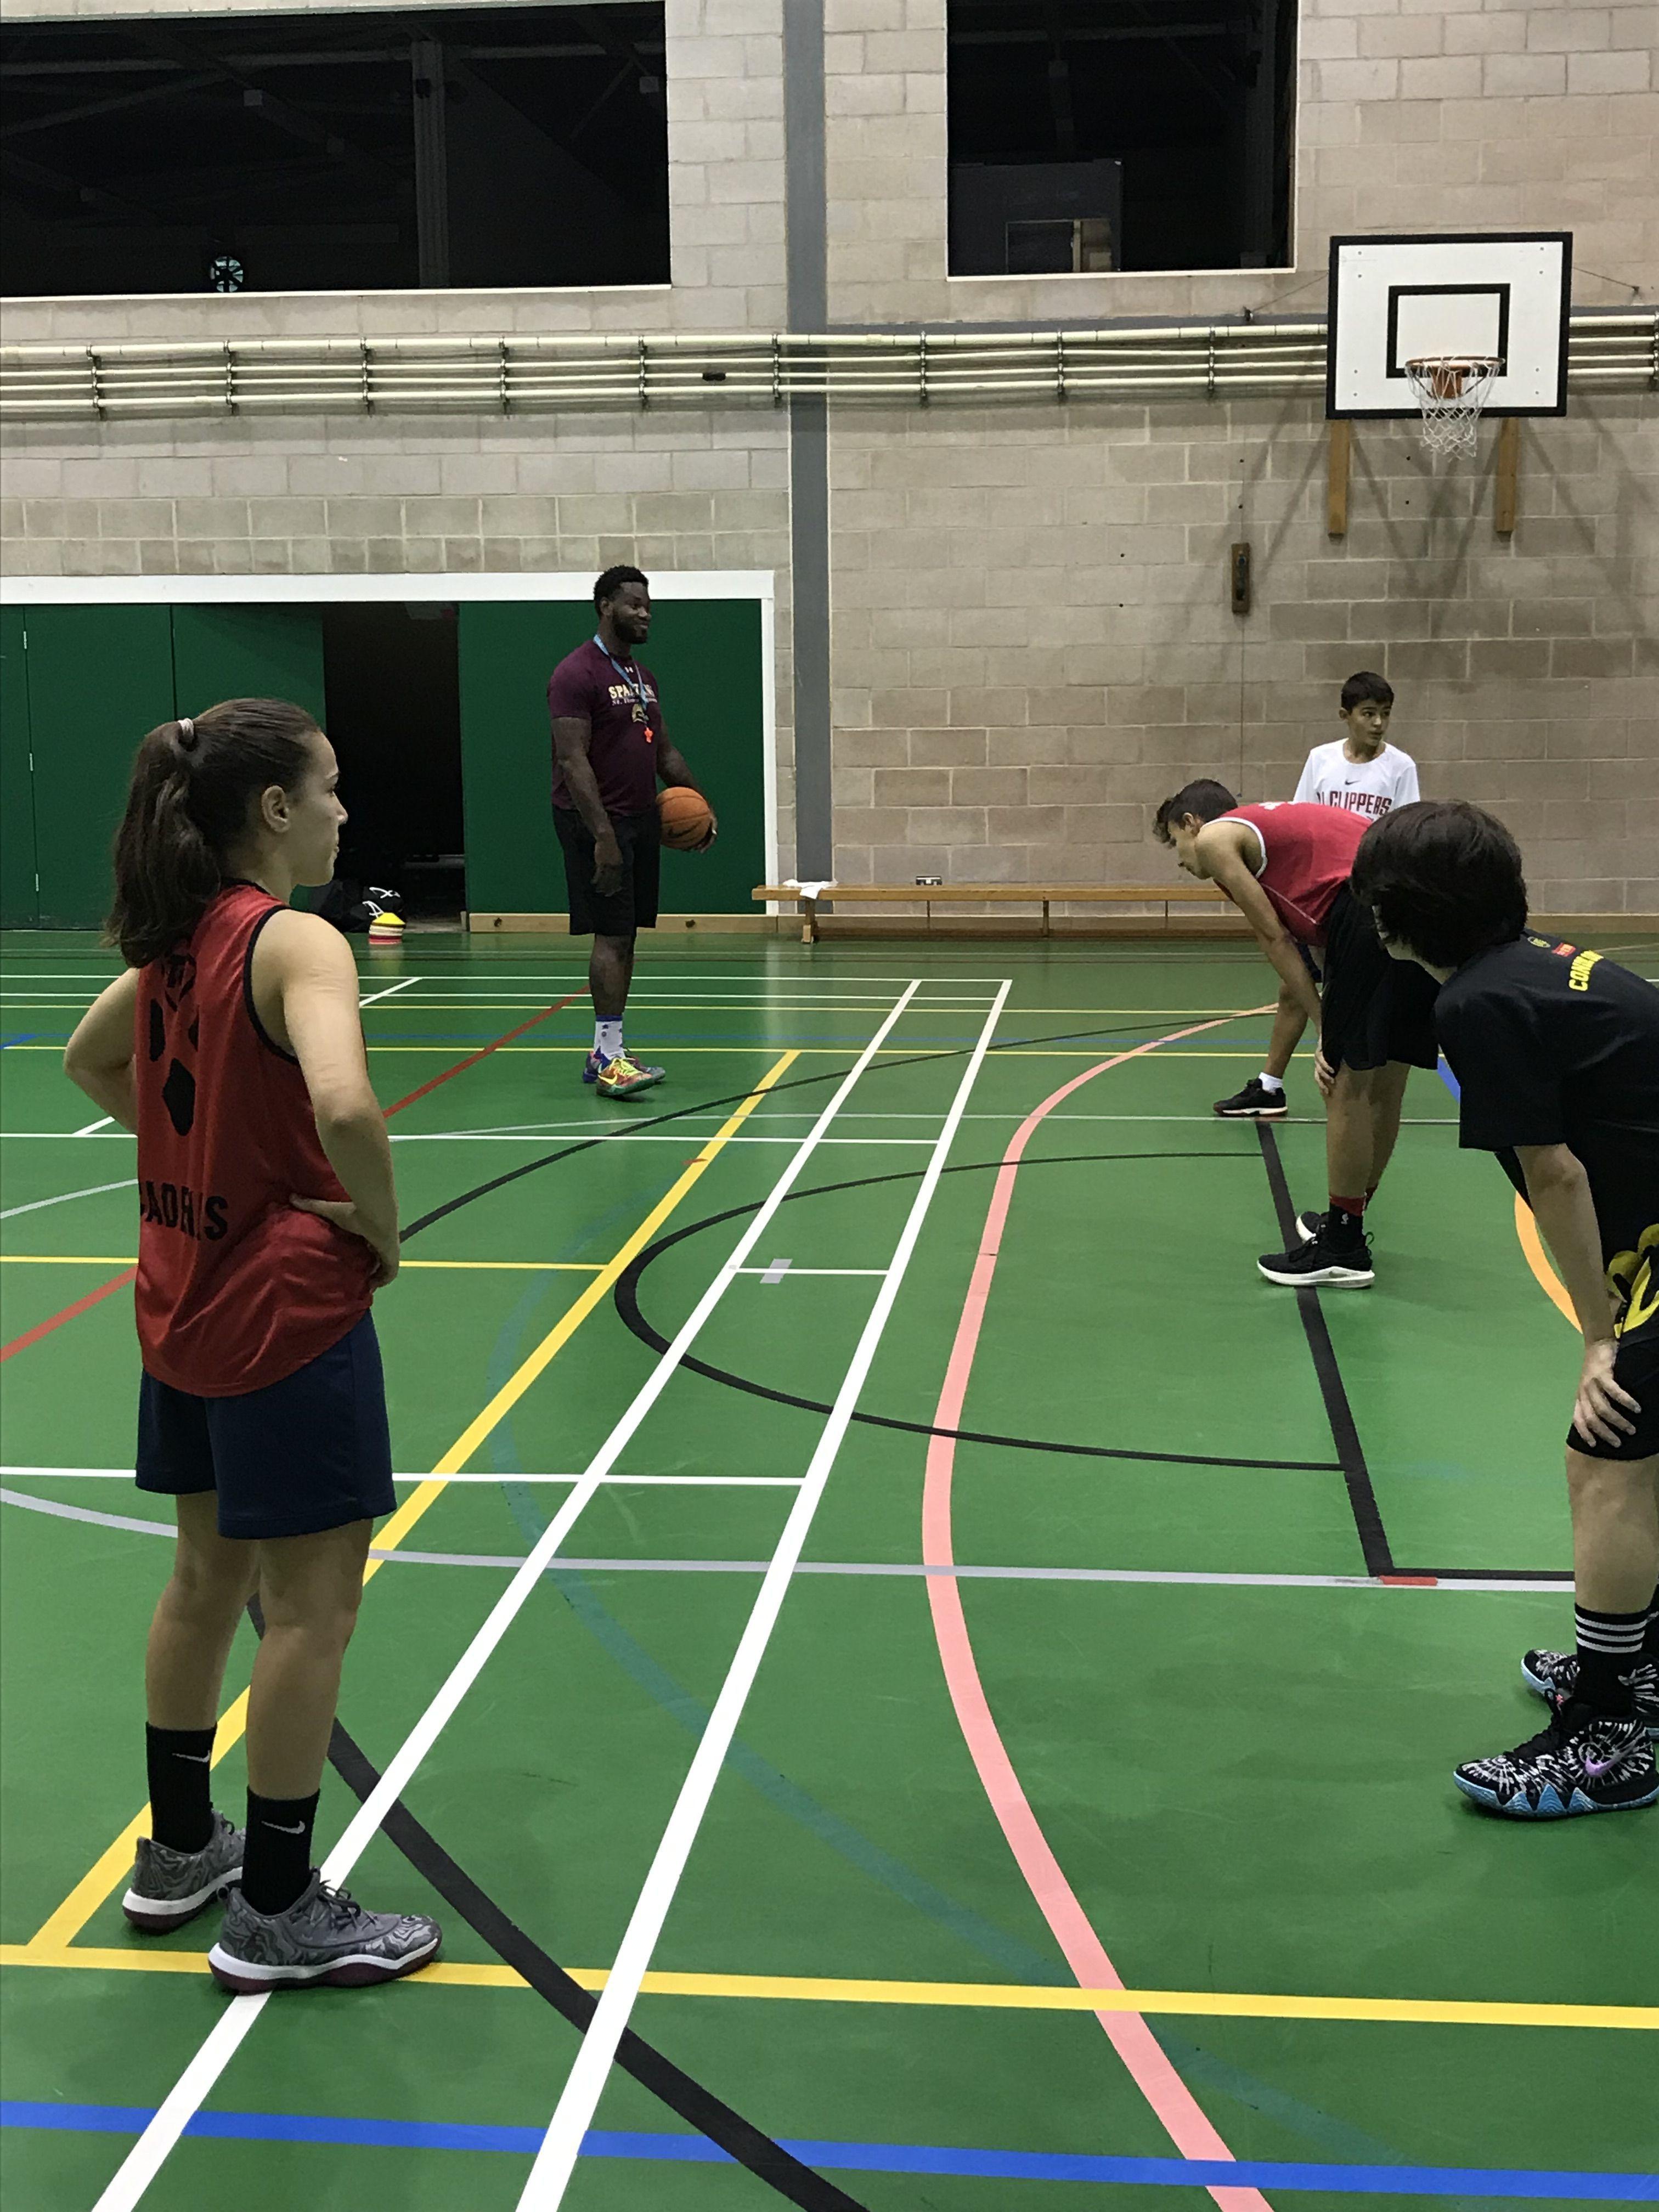 Epsom Sports Ideal Para Hacer Deportes Y Aprender Inglés Epsom Uno De Los Más Prestigiosos E Impresionantes College O Reino Unido Hacer Deporte Deportes